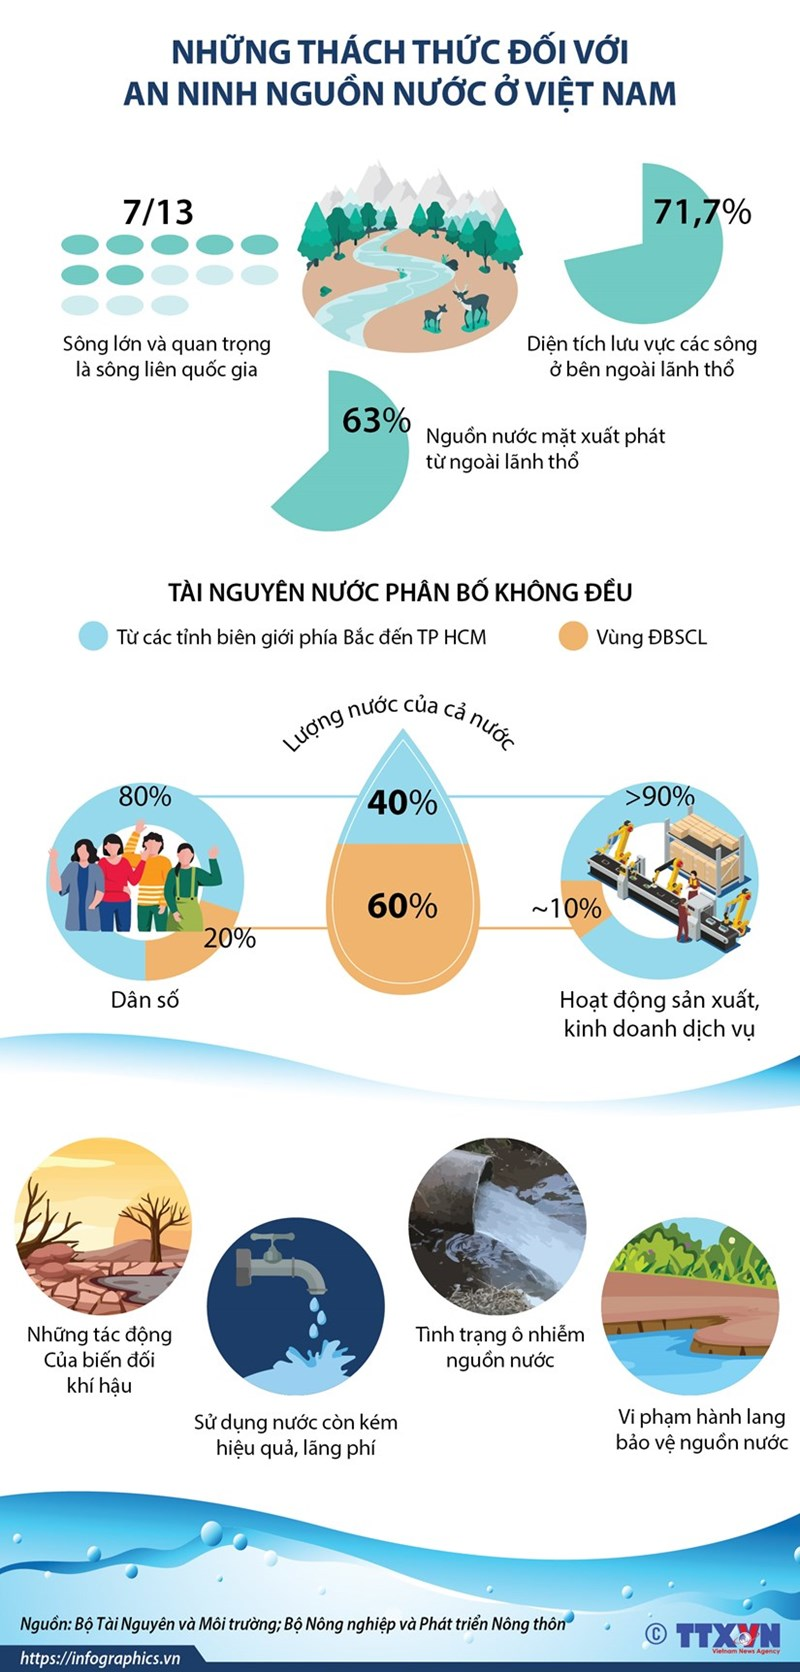 [Infographics] Những thách thức đối với an ninh nguồn nước ở Việt Nam - Ảnh 1